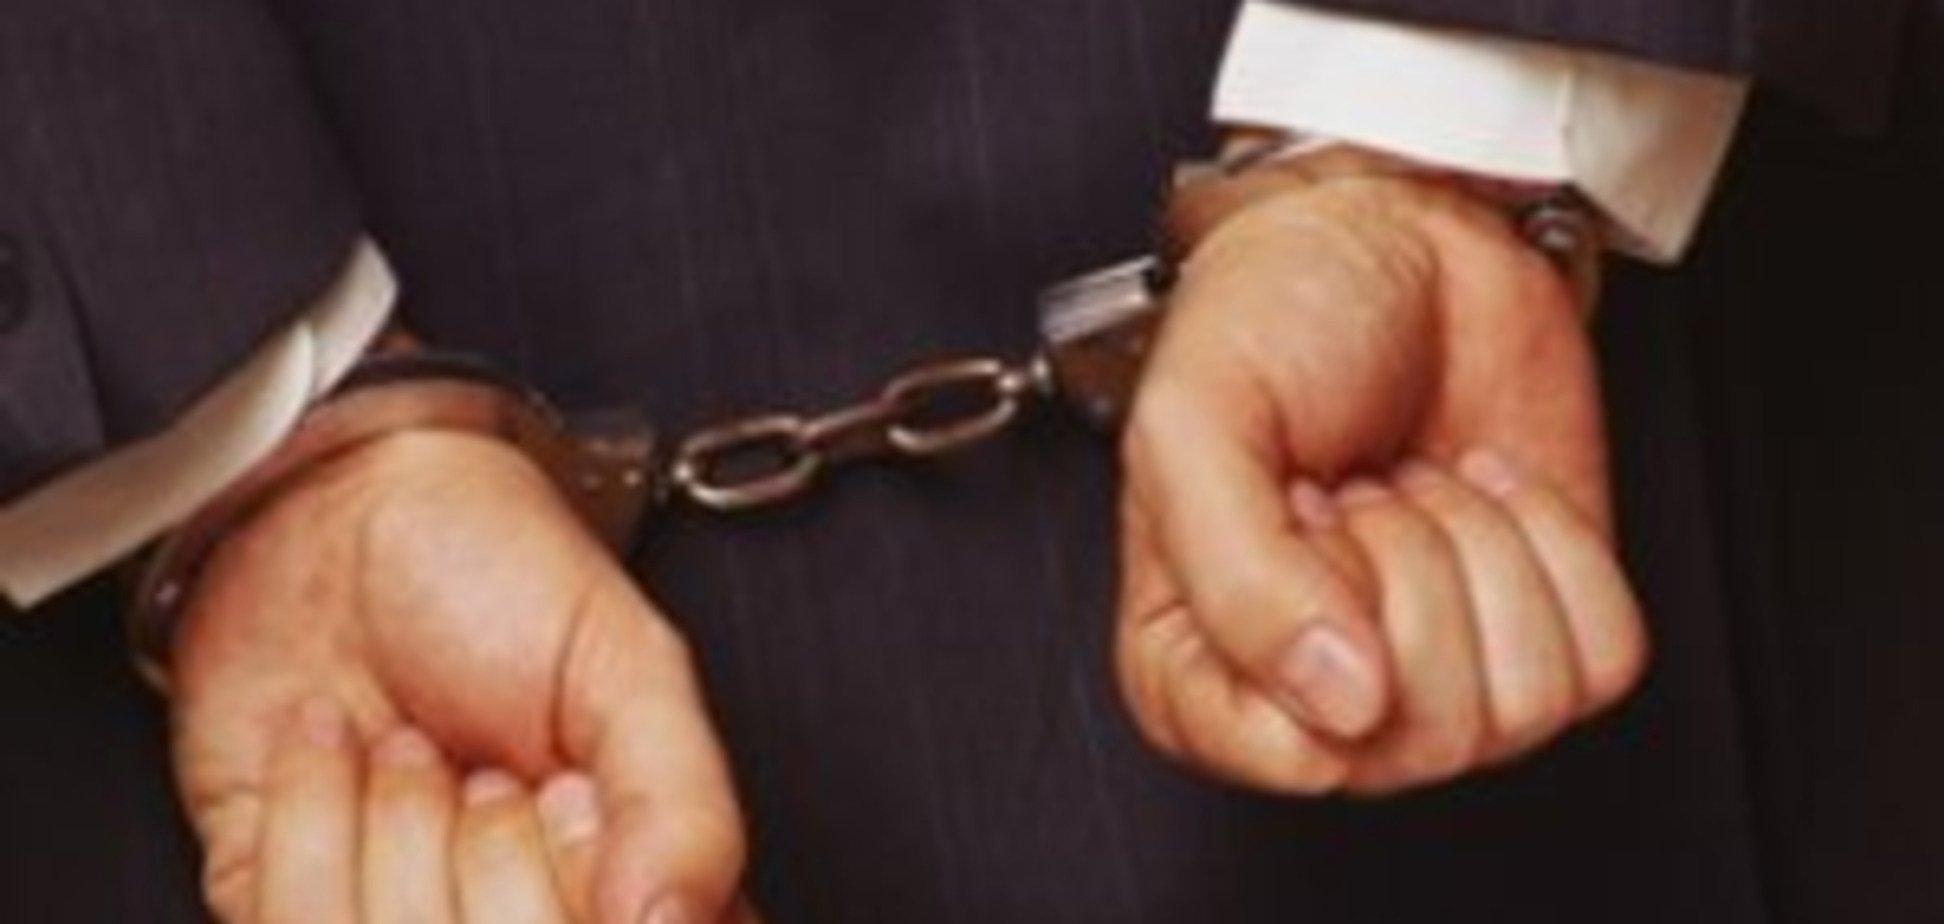 Юрист 'сім'ї' Януковича обслуговує затриманих одеських банкірів - ЗМІ